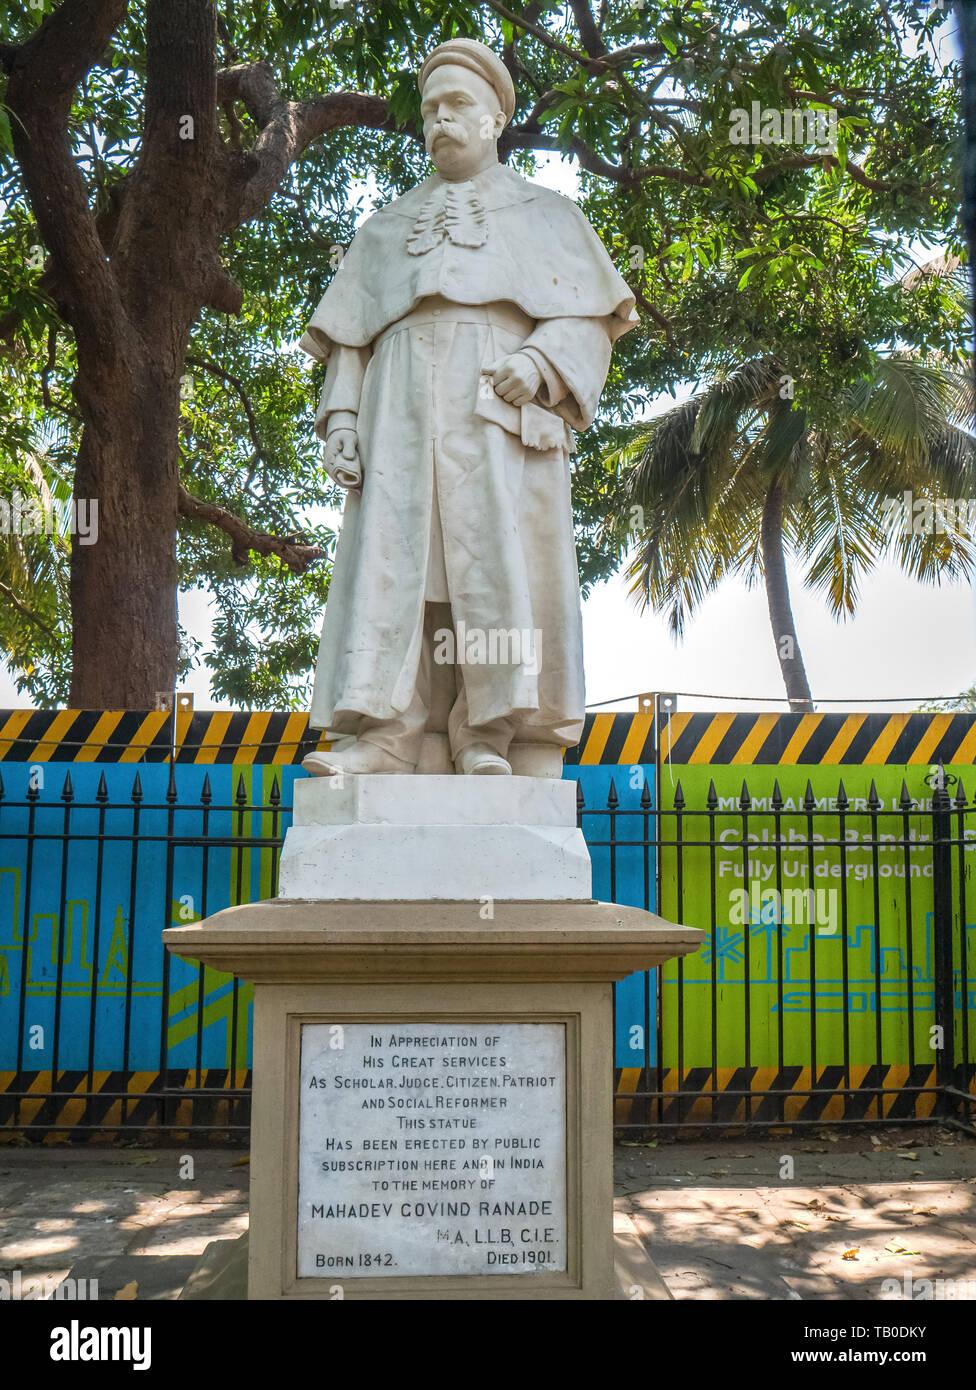 16-03-2019 -marble Statue of Mahadev Govind Ranade Bombay Mumbai